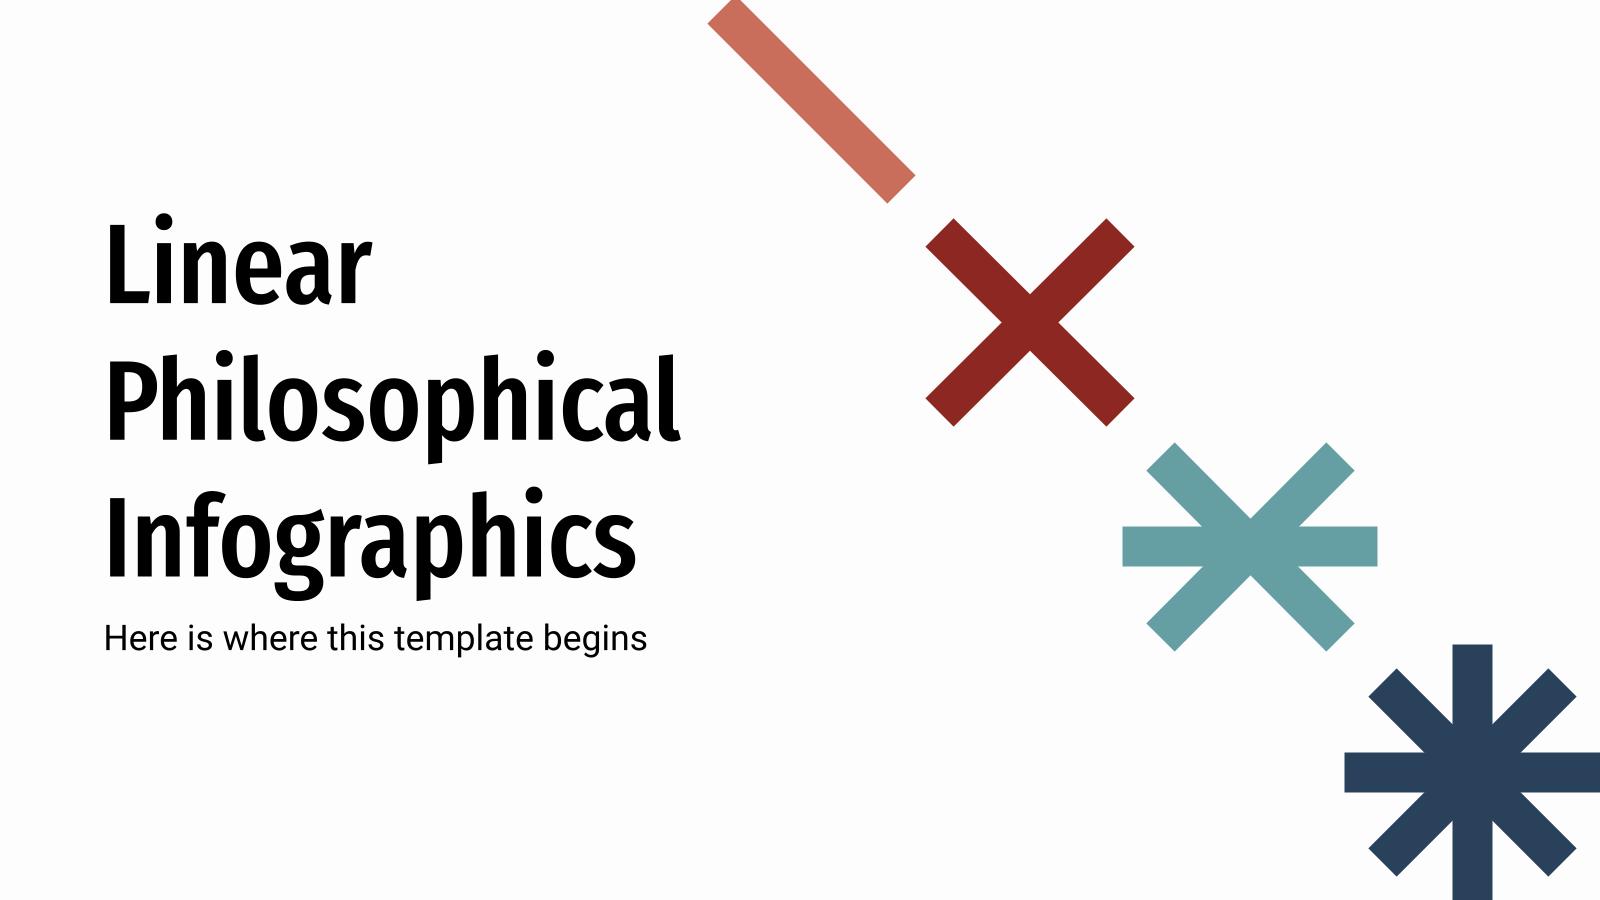 Plantilla de presentación Infografías filosóficas lineales